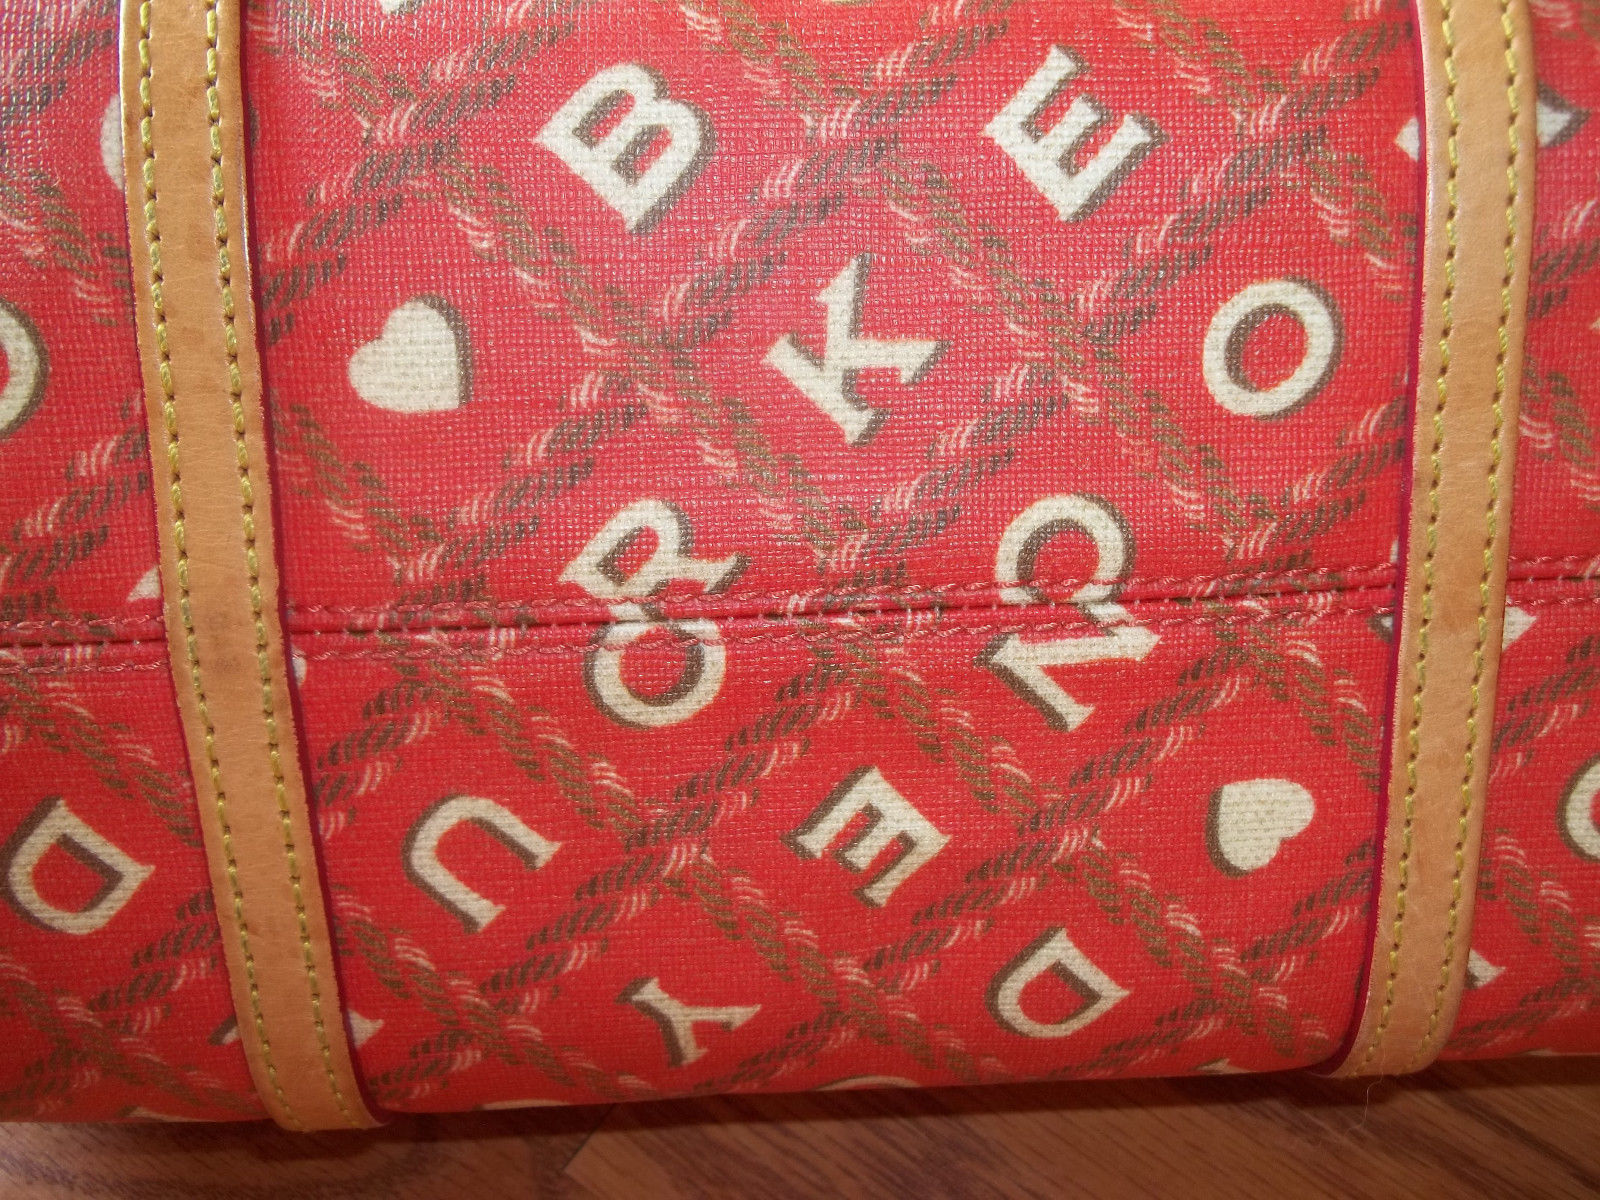 Dooney & Bourke Red Crossword Barrel Bag Handbag image 6